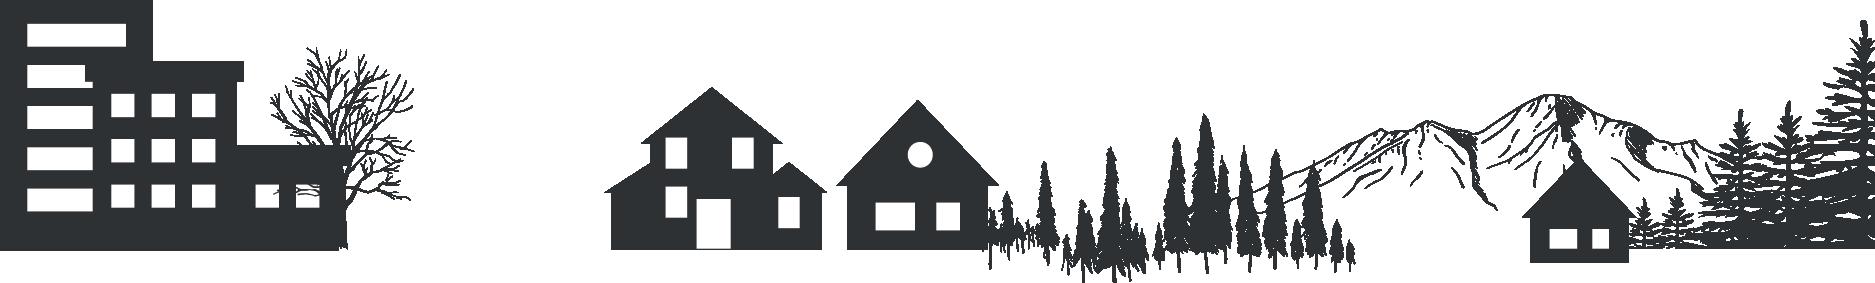 hus stuga bostadsratt